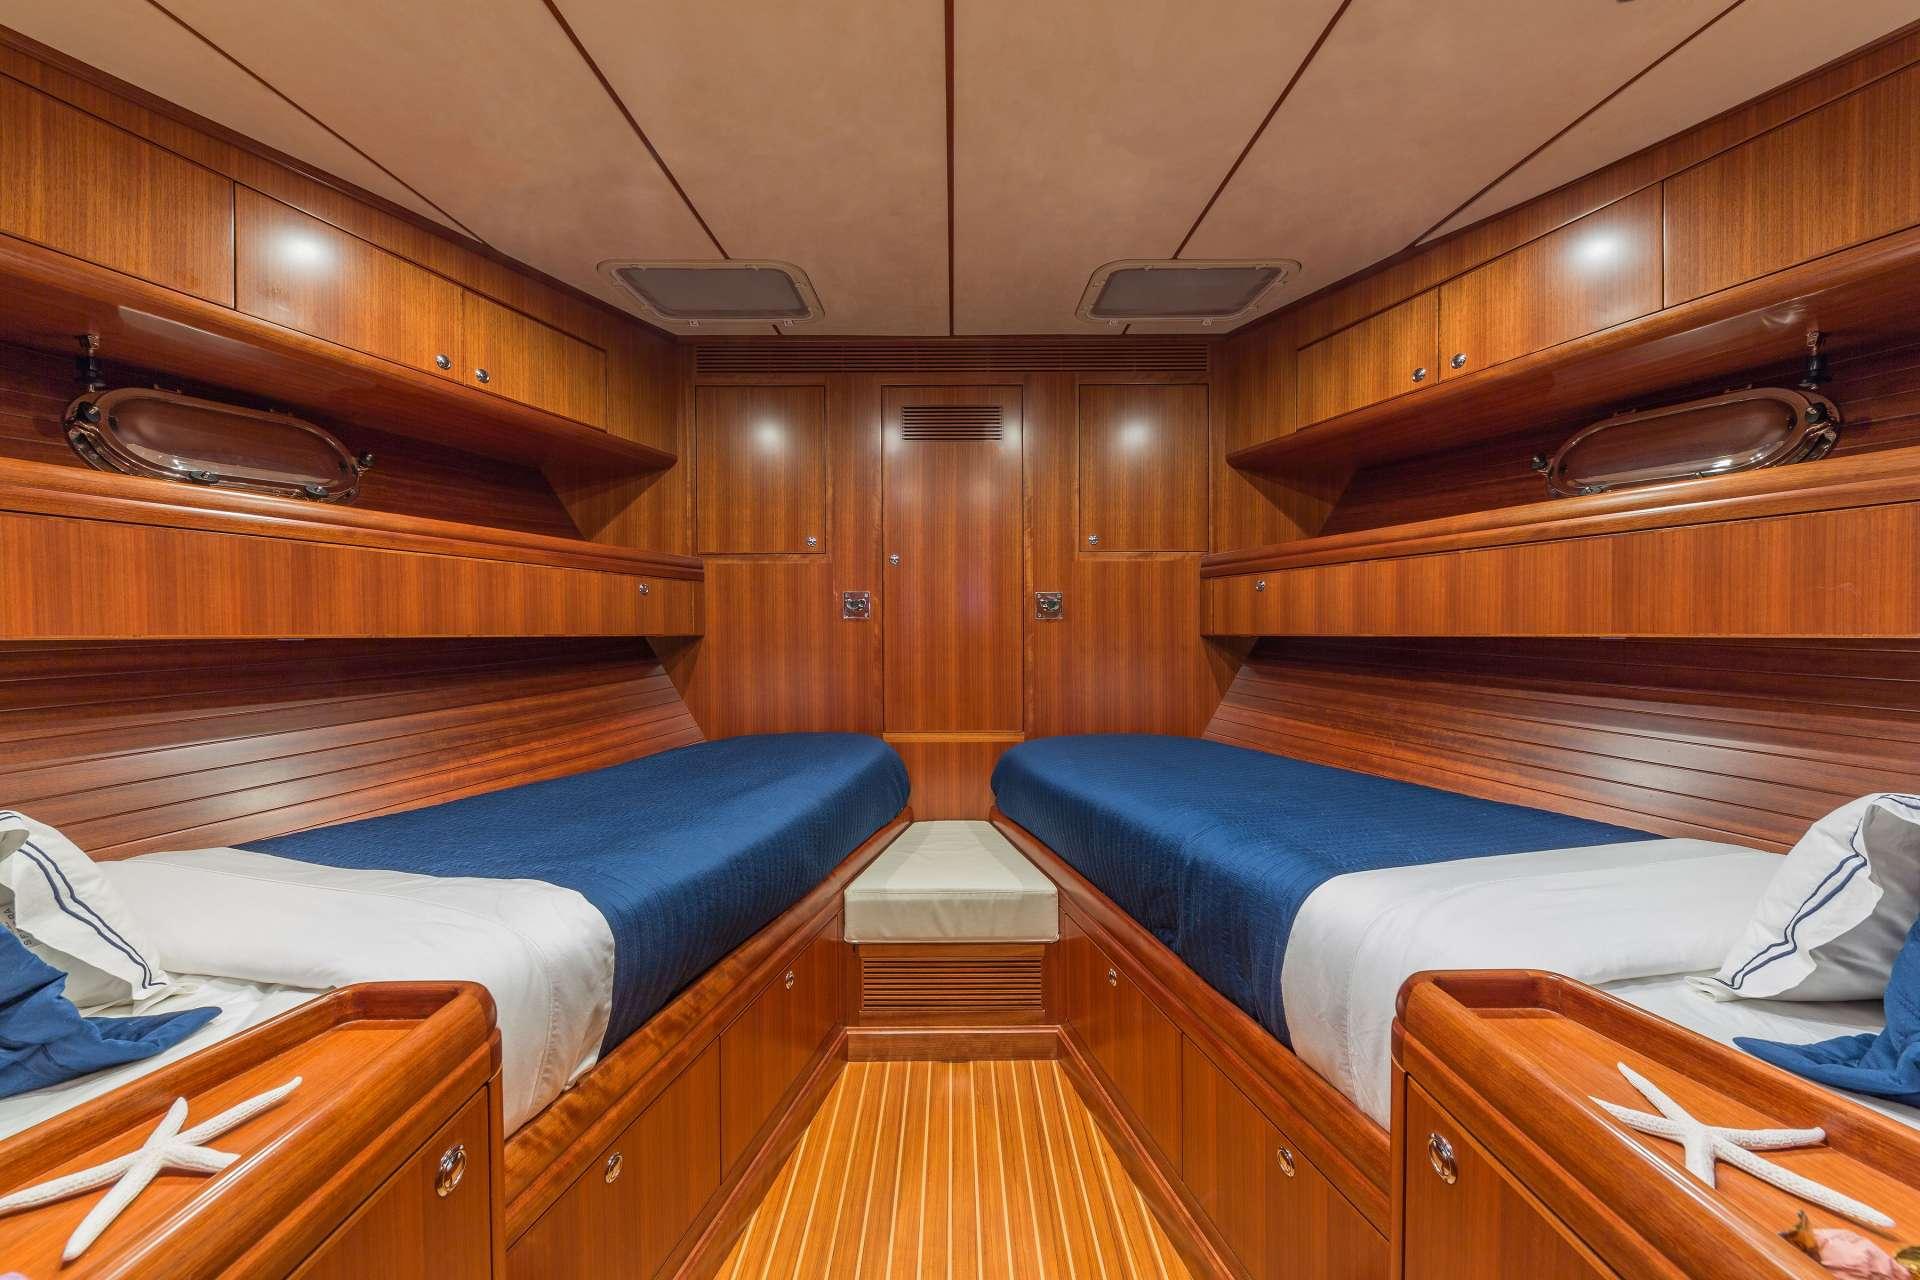 ASTURIAS yacht image # 8